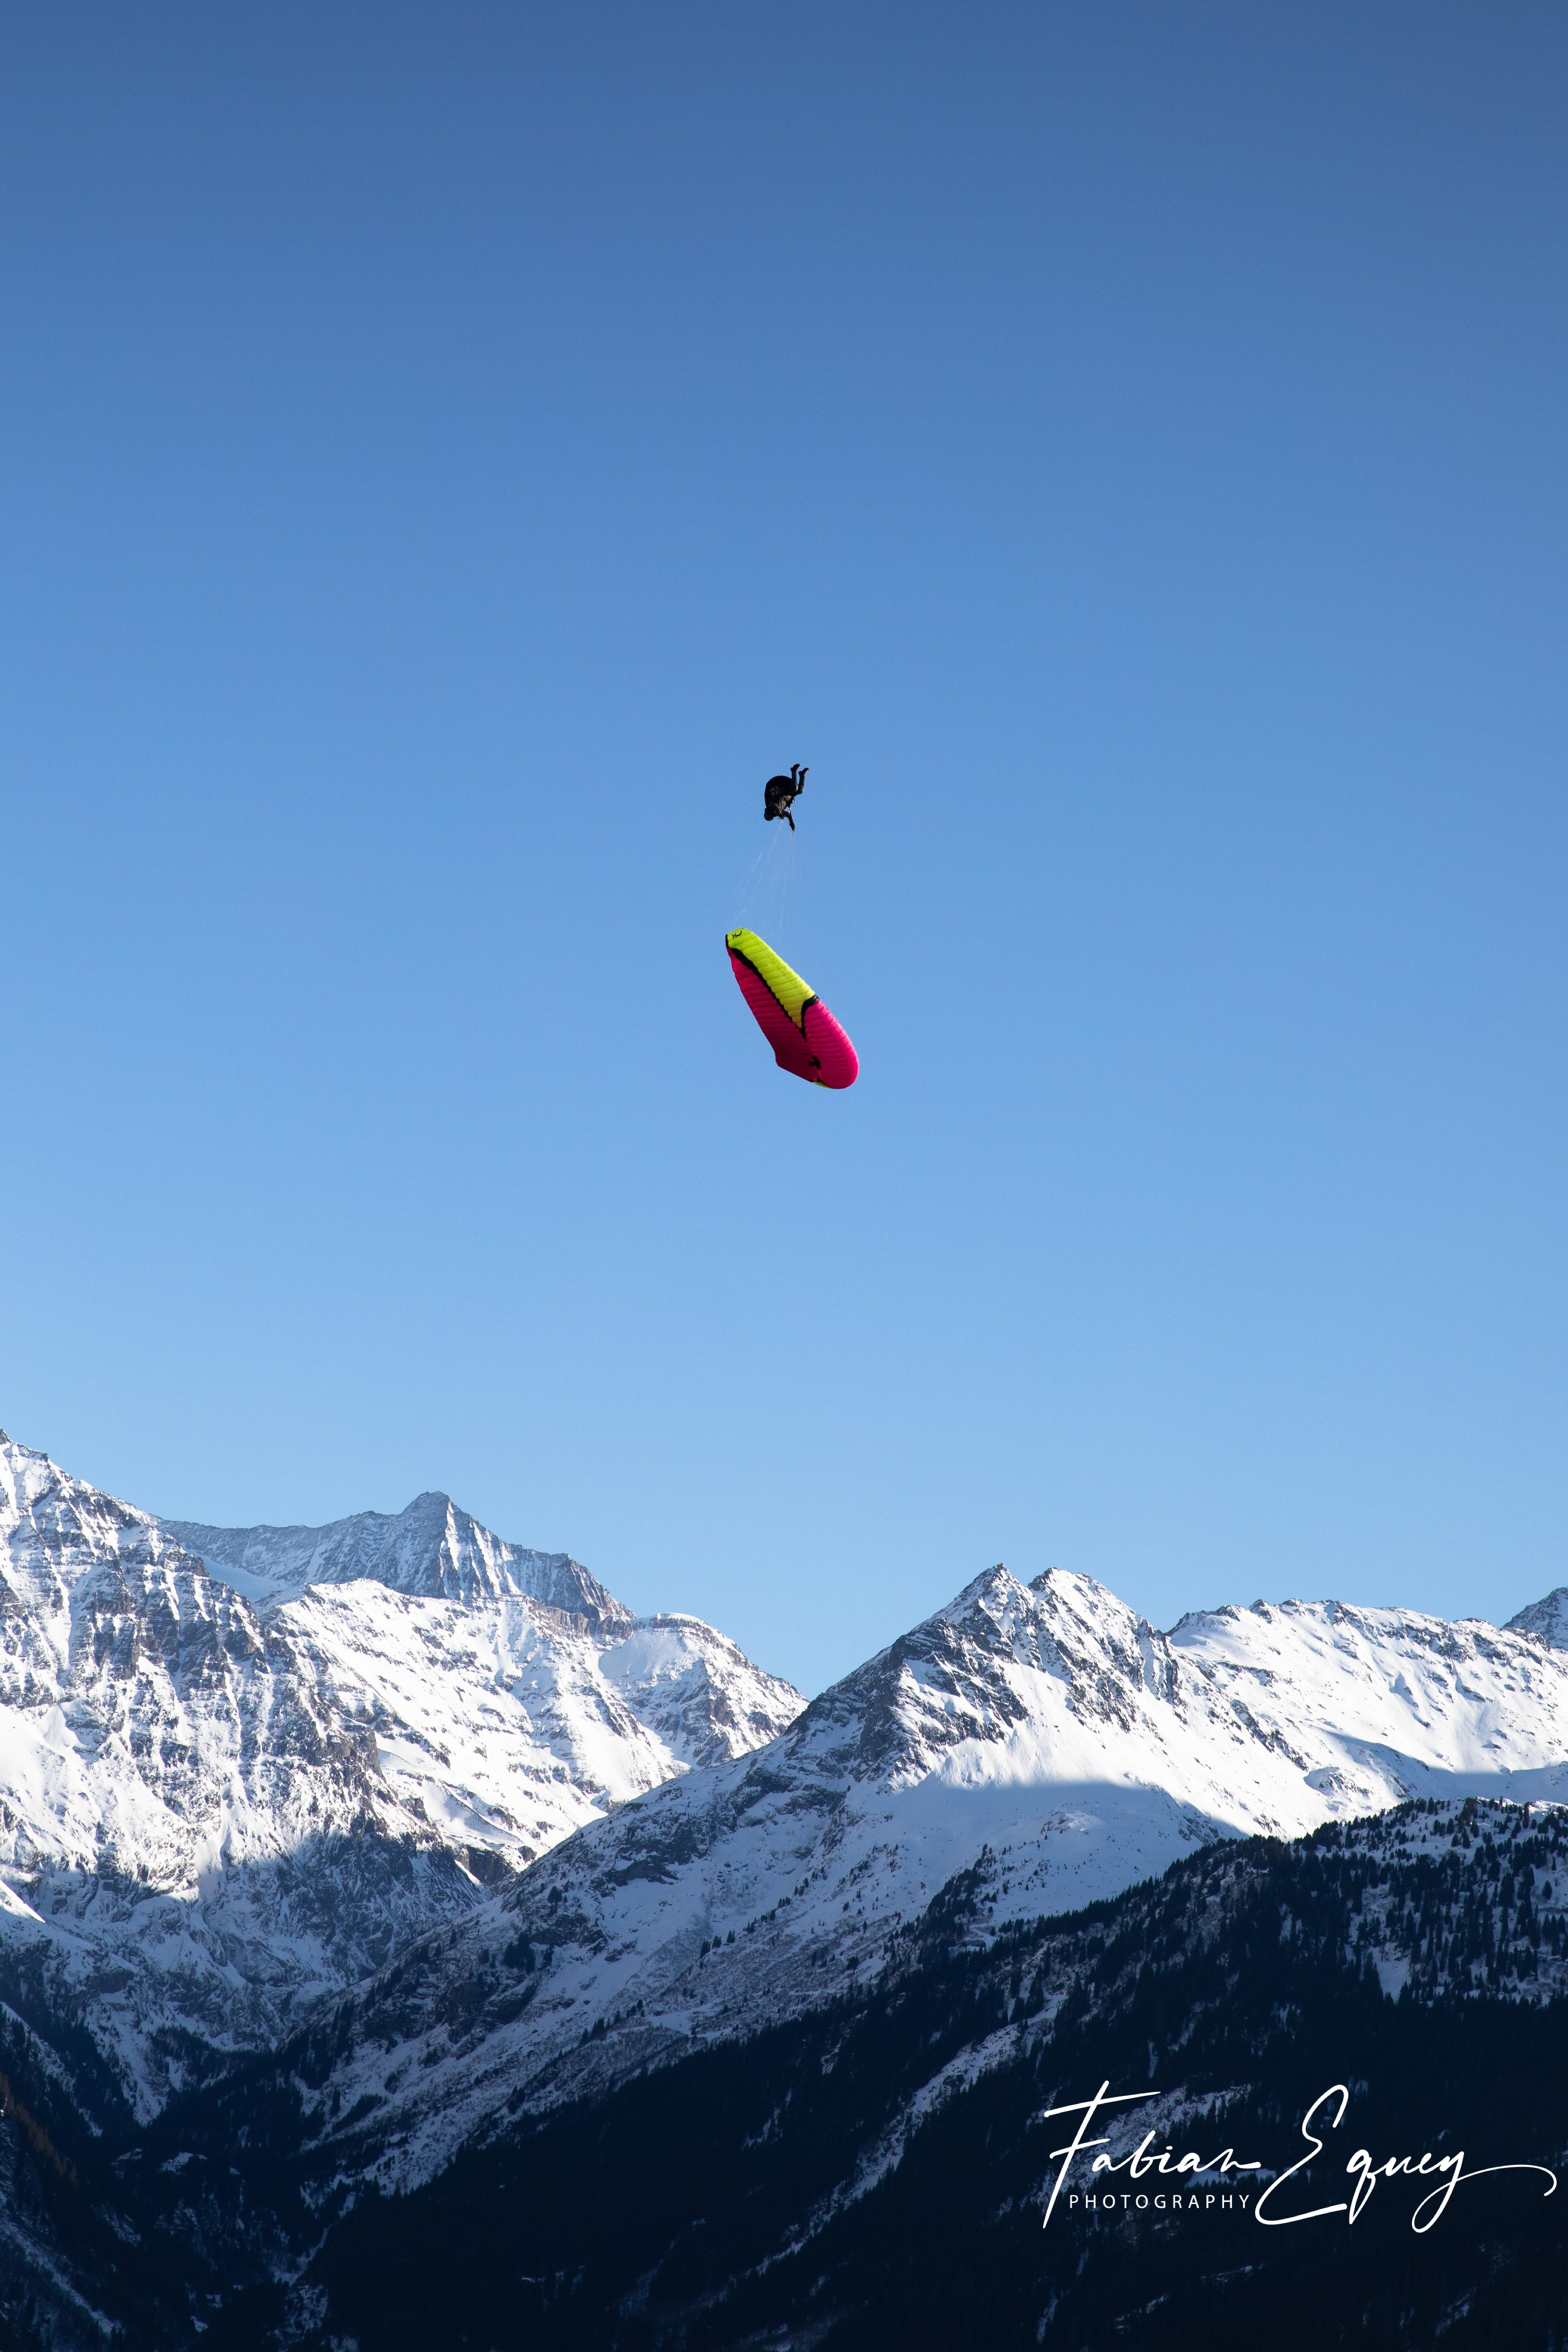 Maël Porret, Switzerland